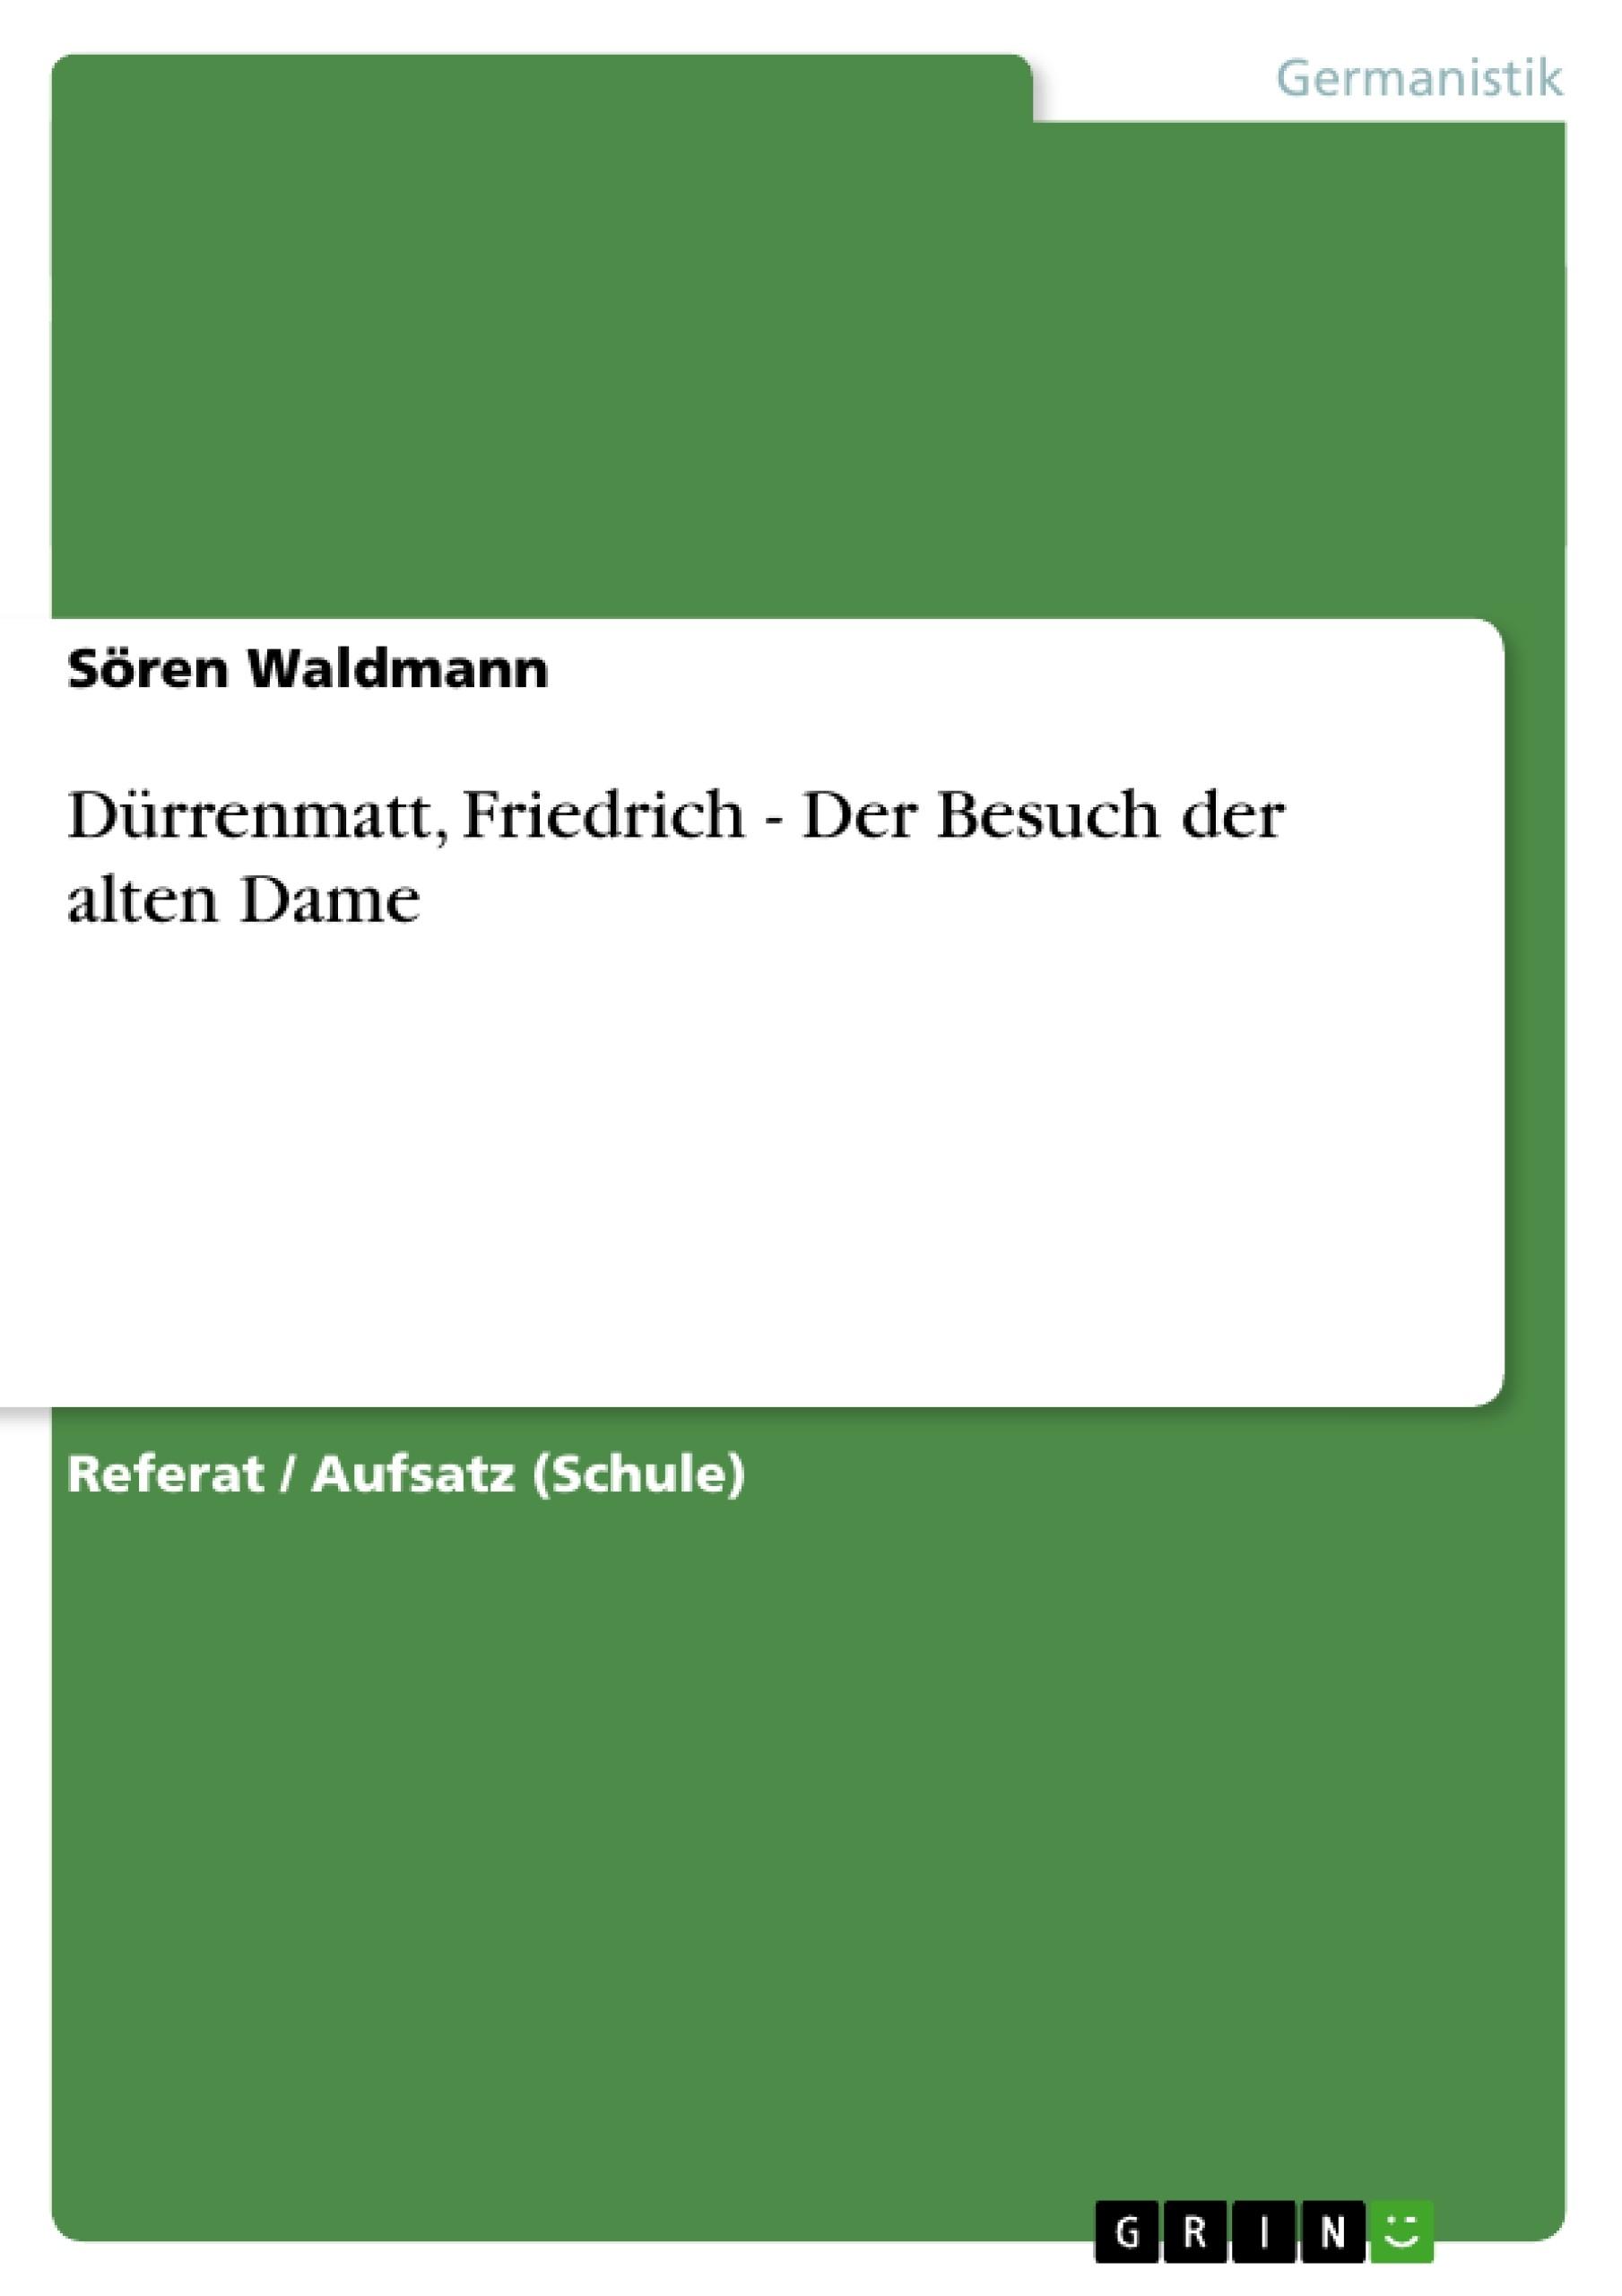 Titel: Dürrenmatt, Friedrich - Der Besuch der alten Dame